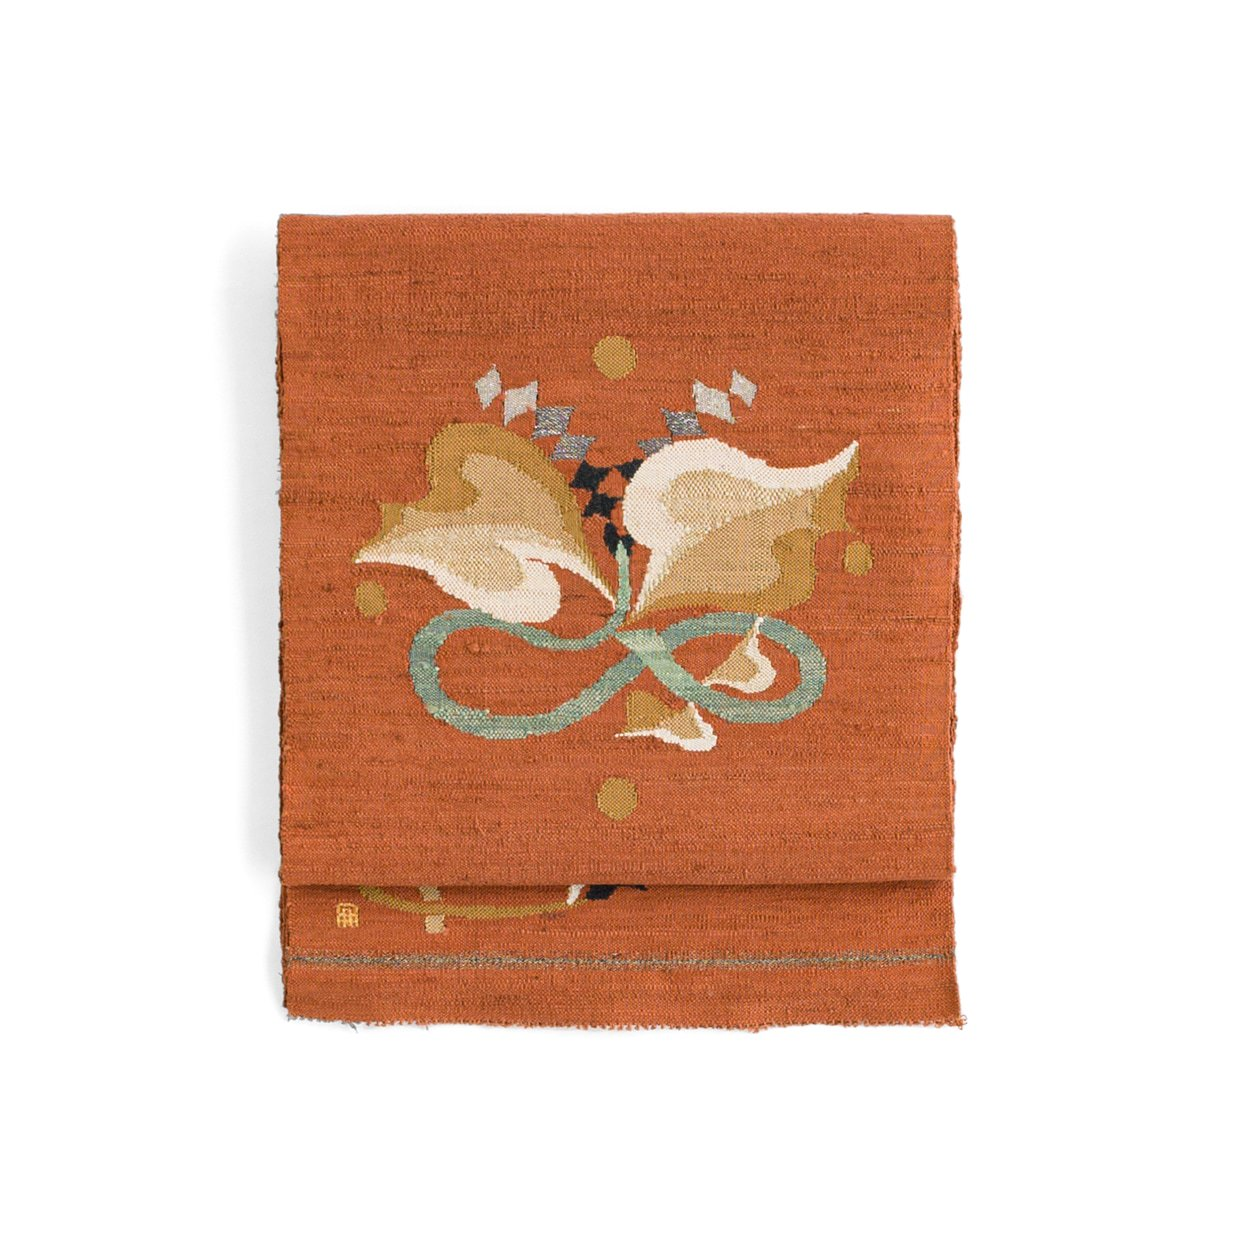 「紬 ギザギザの葉やダイヤ模様など」の商品画像